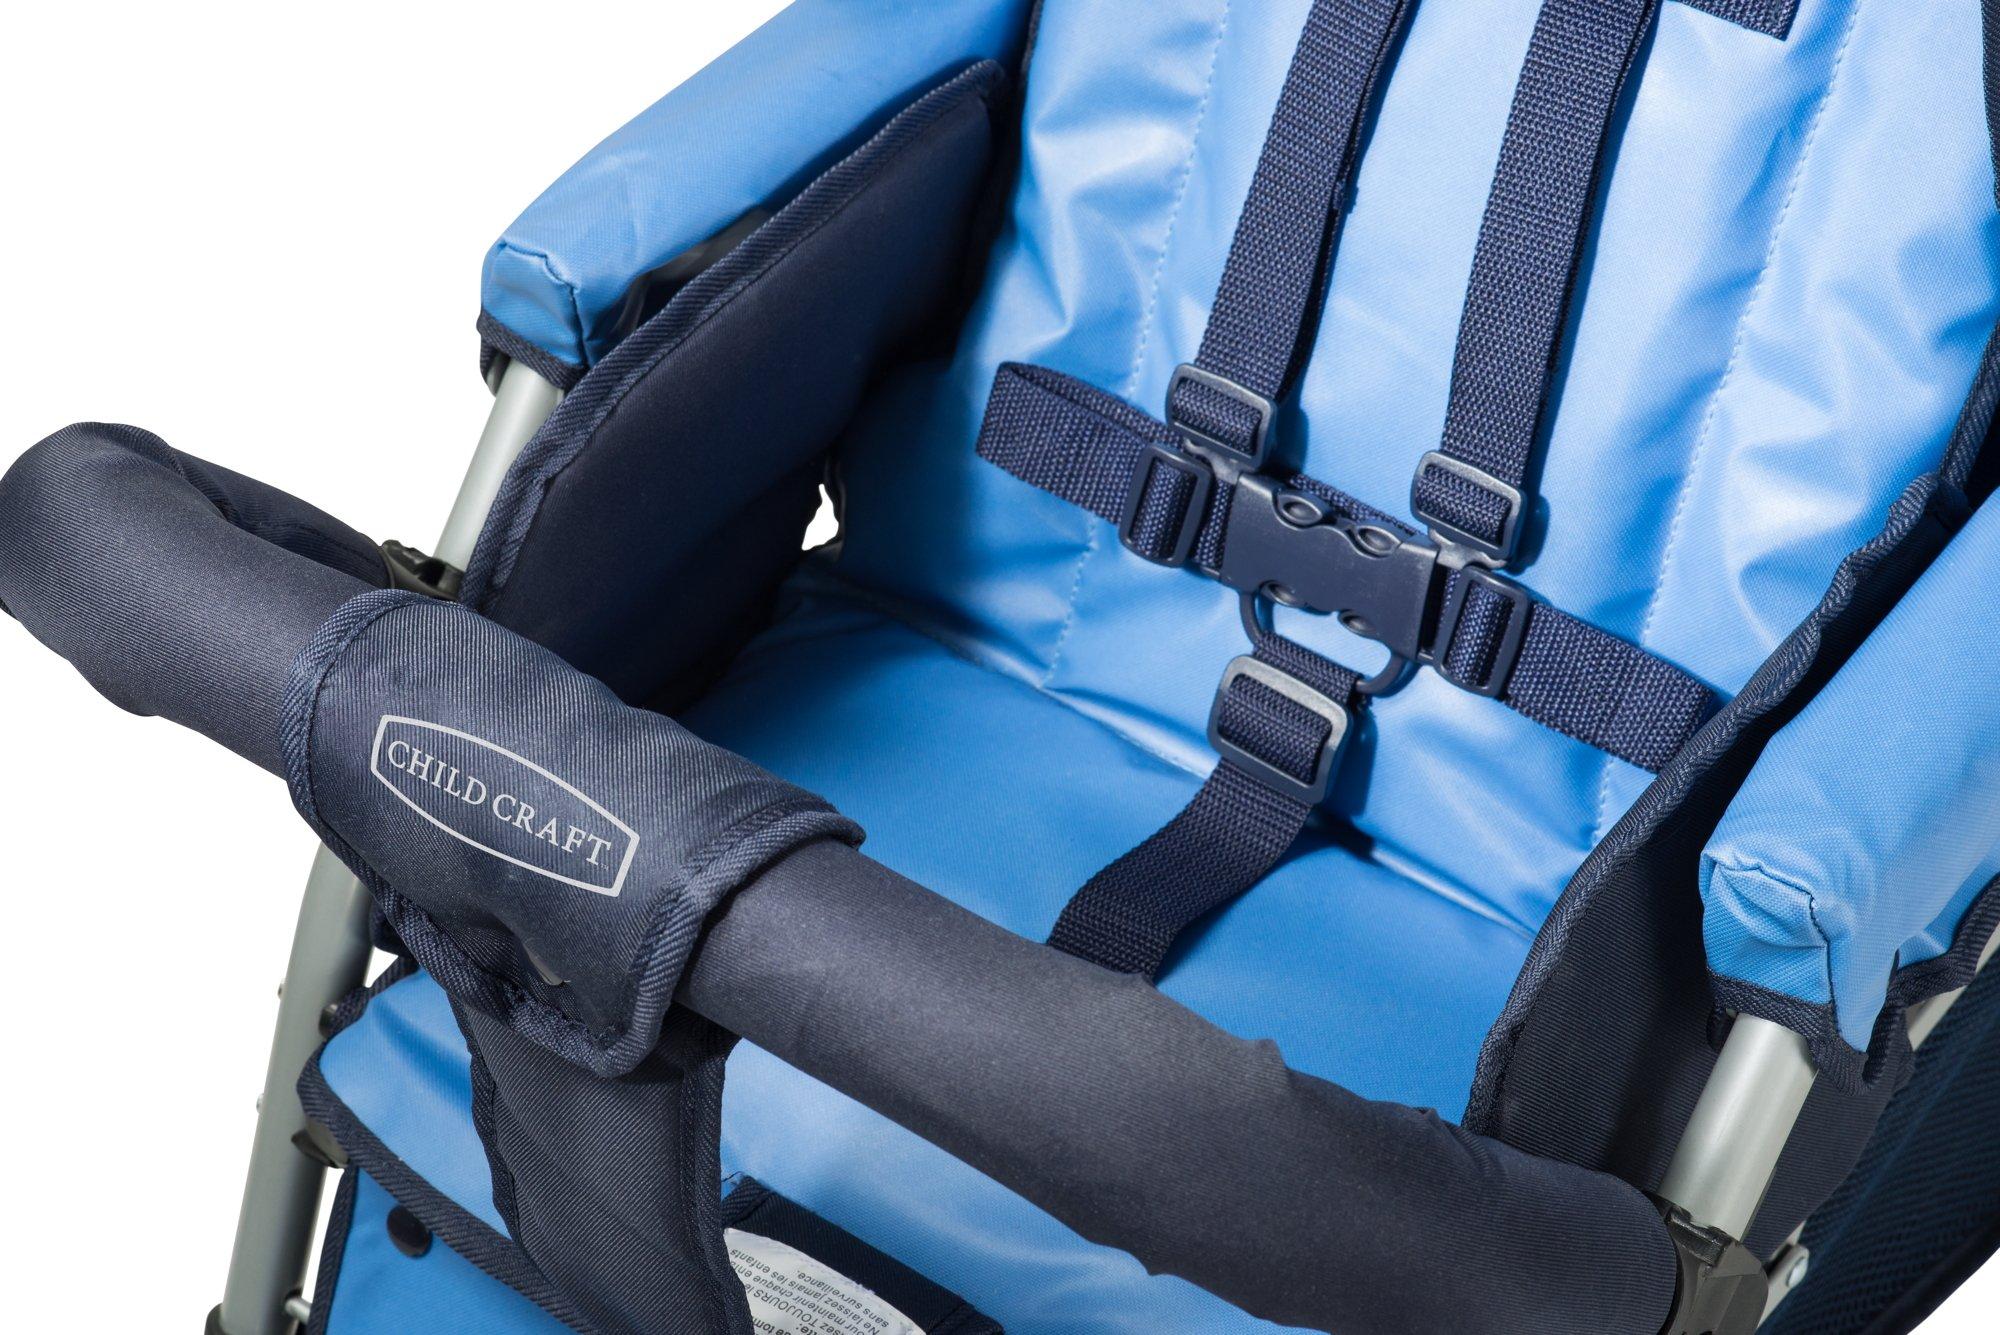 Child Craft Sport Multi-Child Quad Stroller, Regatta Blue by Child Craft (Image #3)